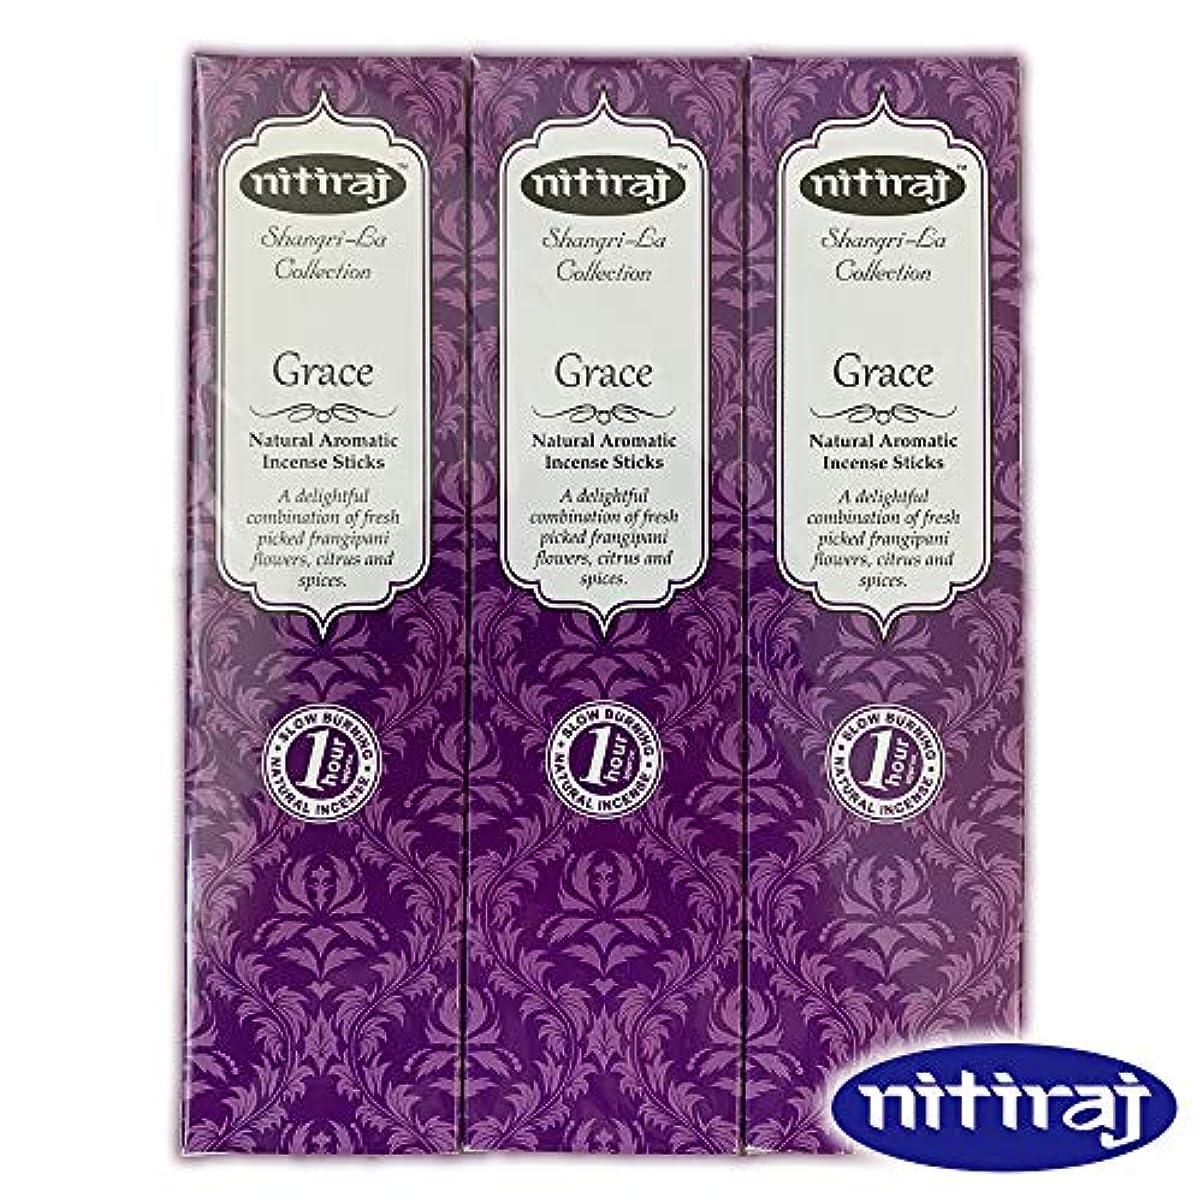 スケッチお風呂を持っているマスクお香 アロマインセンス Nitiraj(ニティラジ)Grace(気品) 3箱セット(1箱10本入り) スティック型 100%天然素材 正規輸入代理店